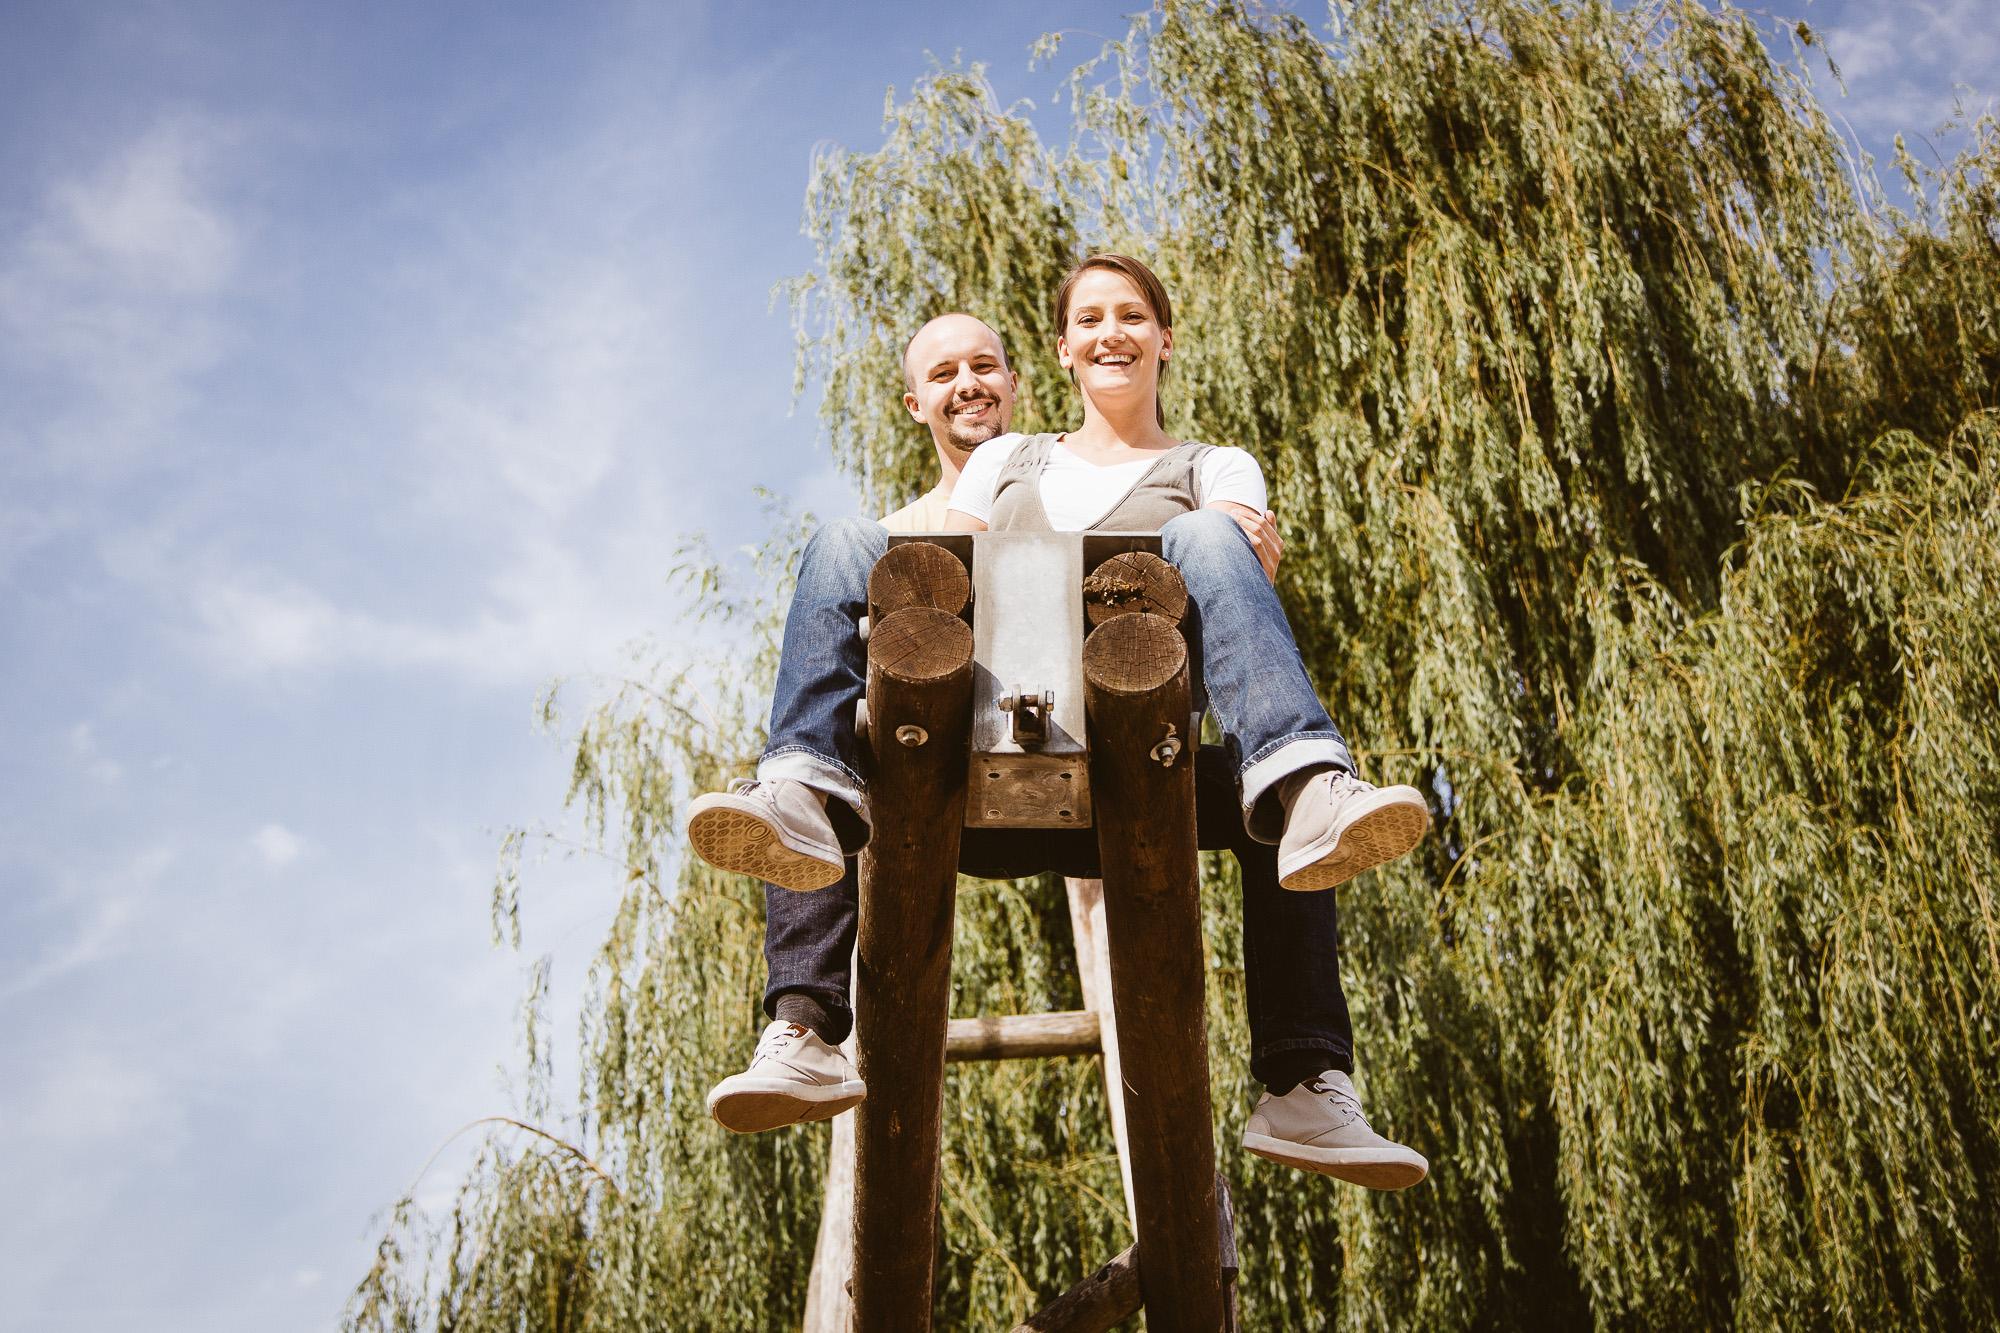 Tina-und-Paul-Engagement-Foto-Avec-Amis-43